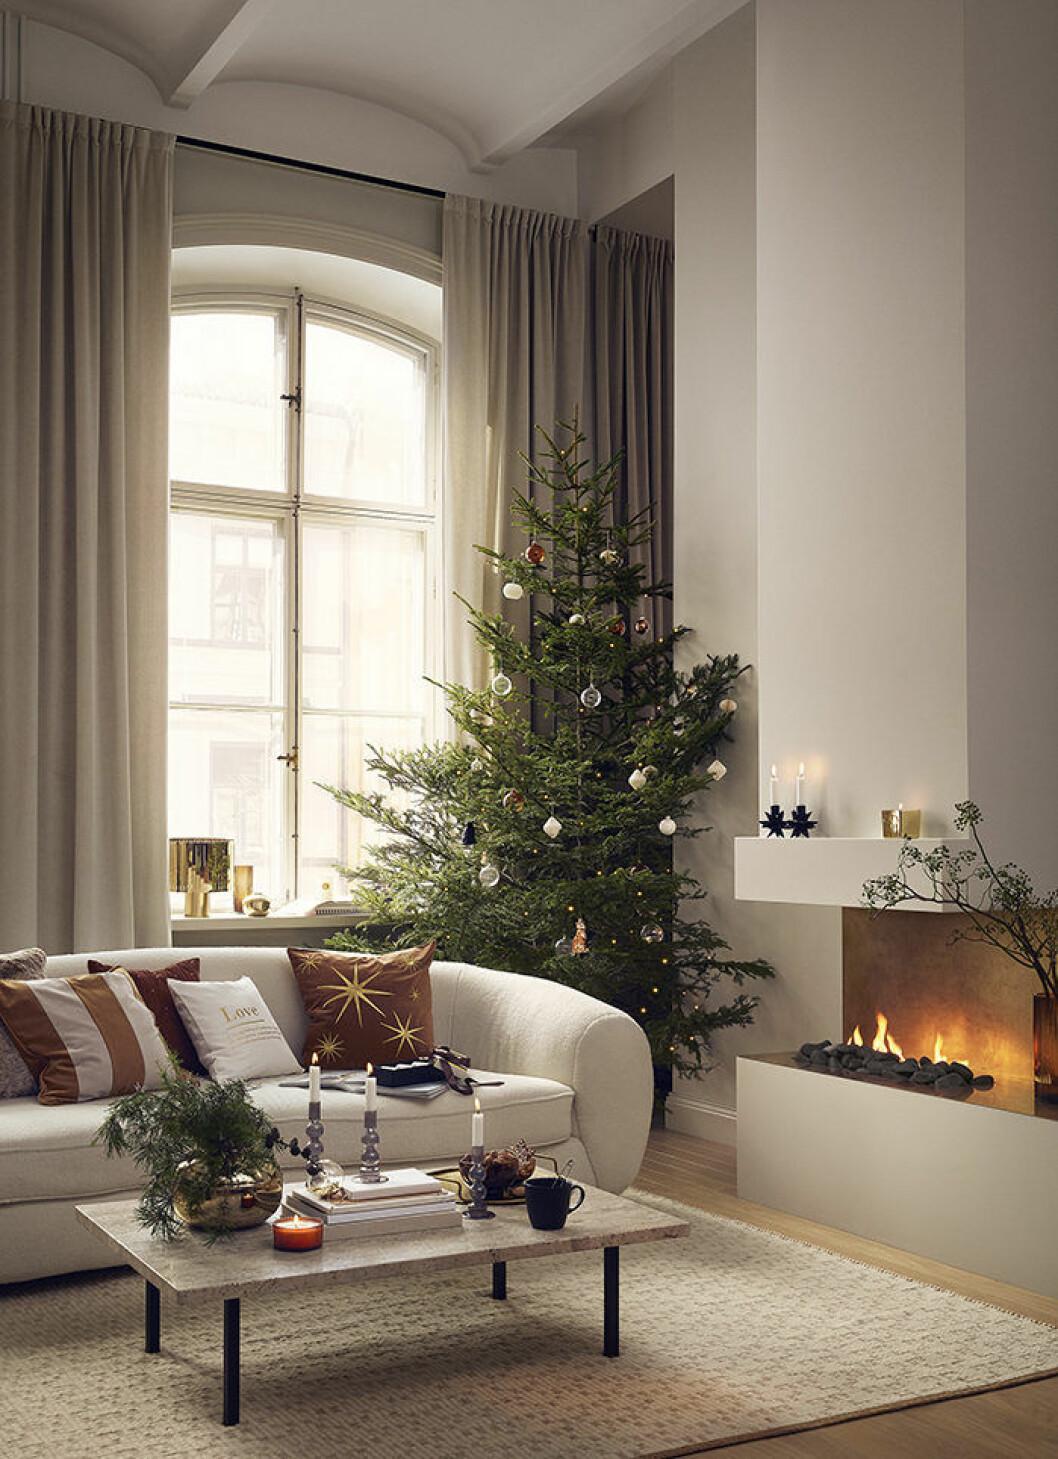 En av årets jultrender är den lyxiga känslan